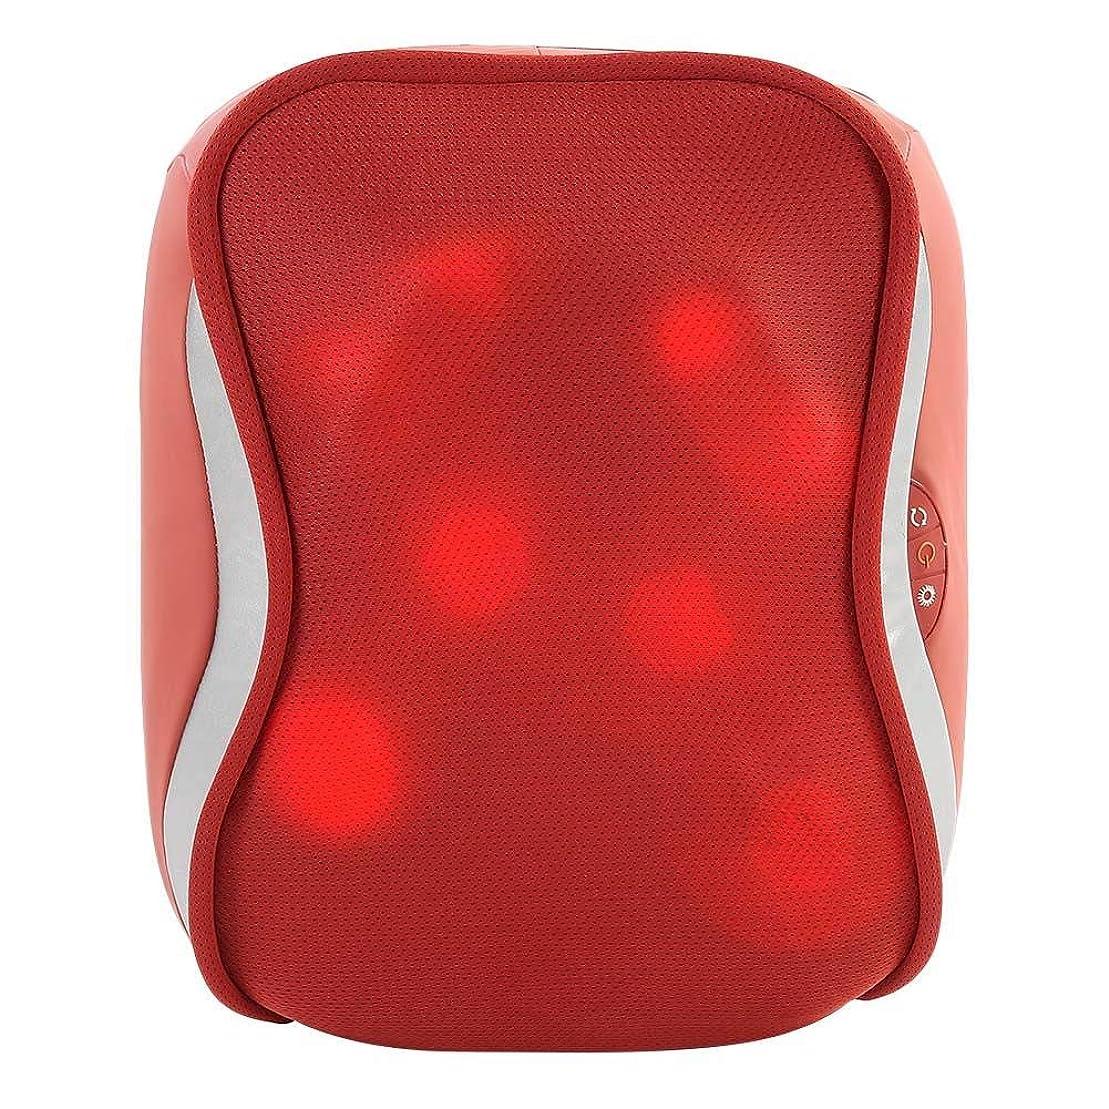 弁護人空追加指圧バックマッサージ、多機能ボディチェアシートクッション、腰、肩、筋肉痛ホーム、オフィス、車、ベッド用